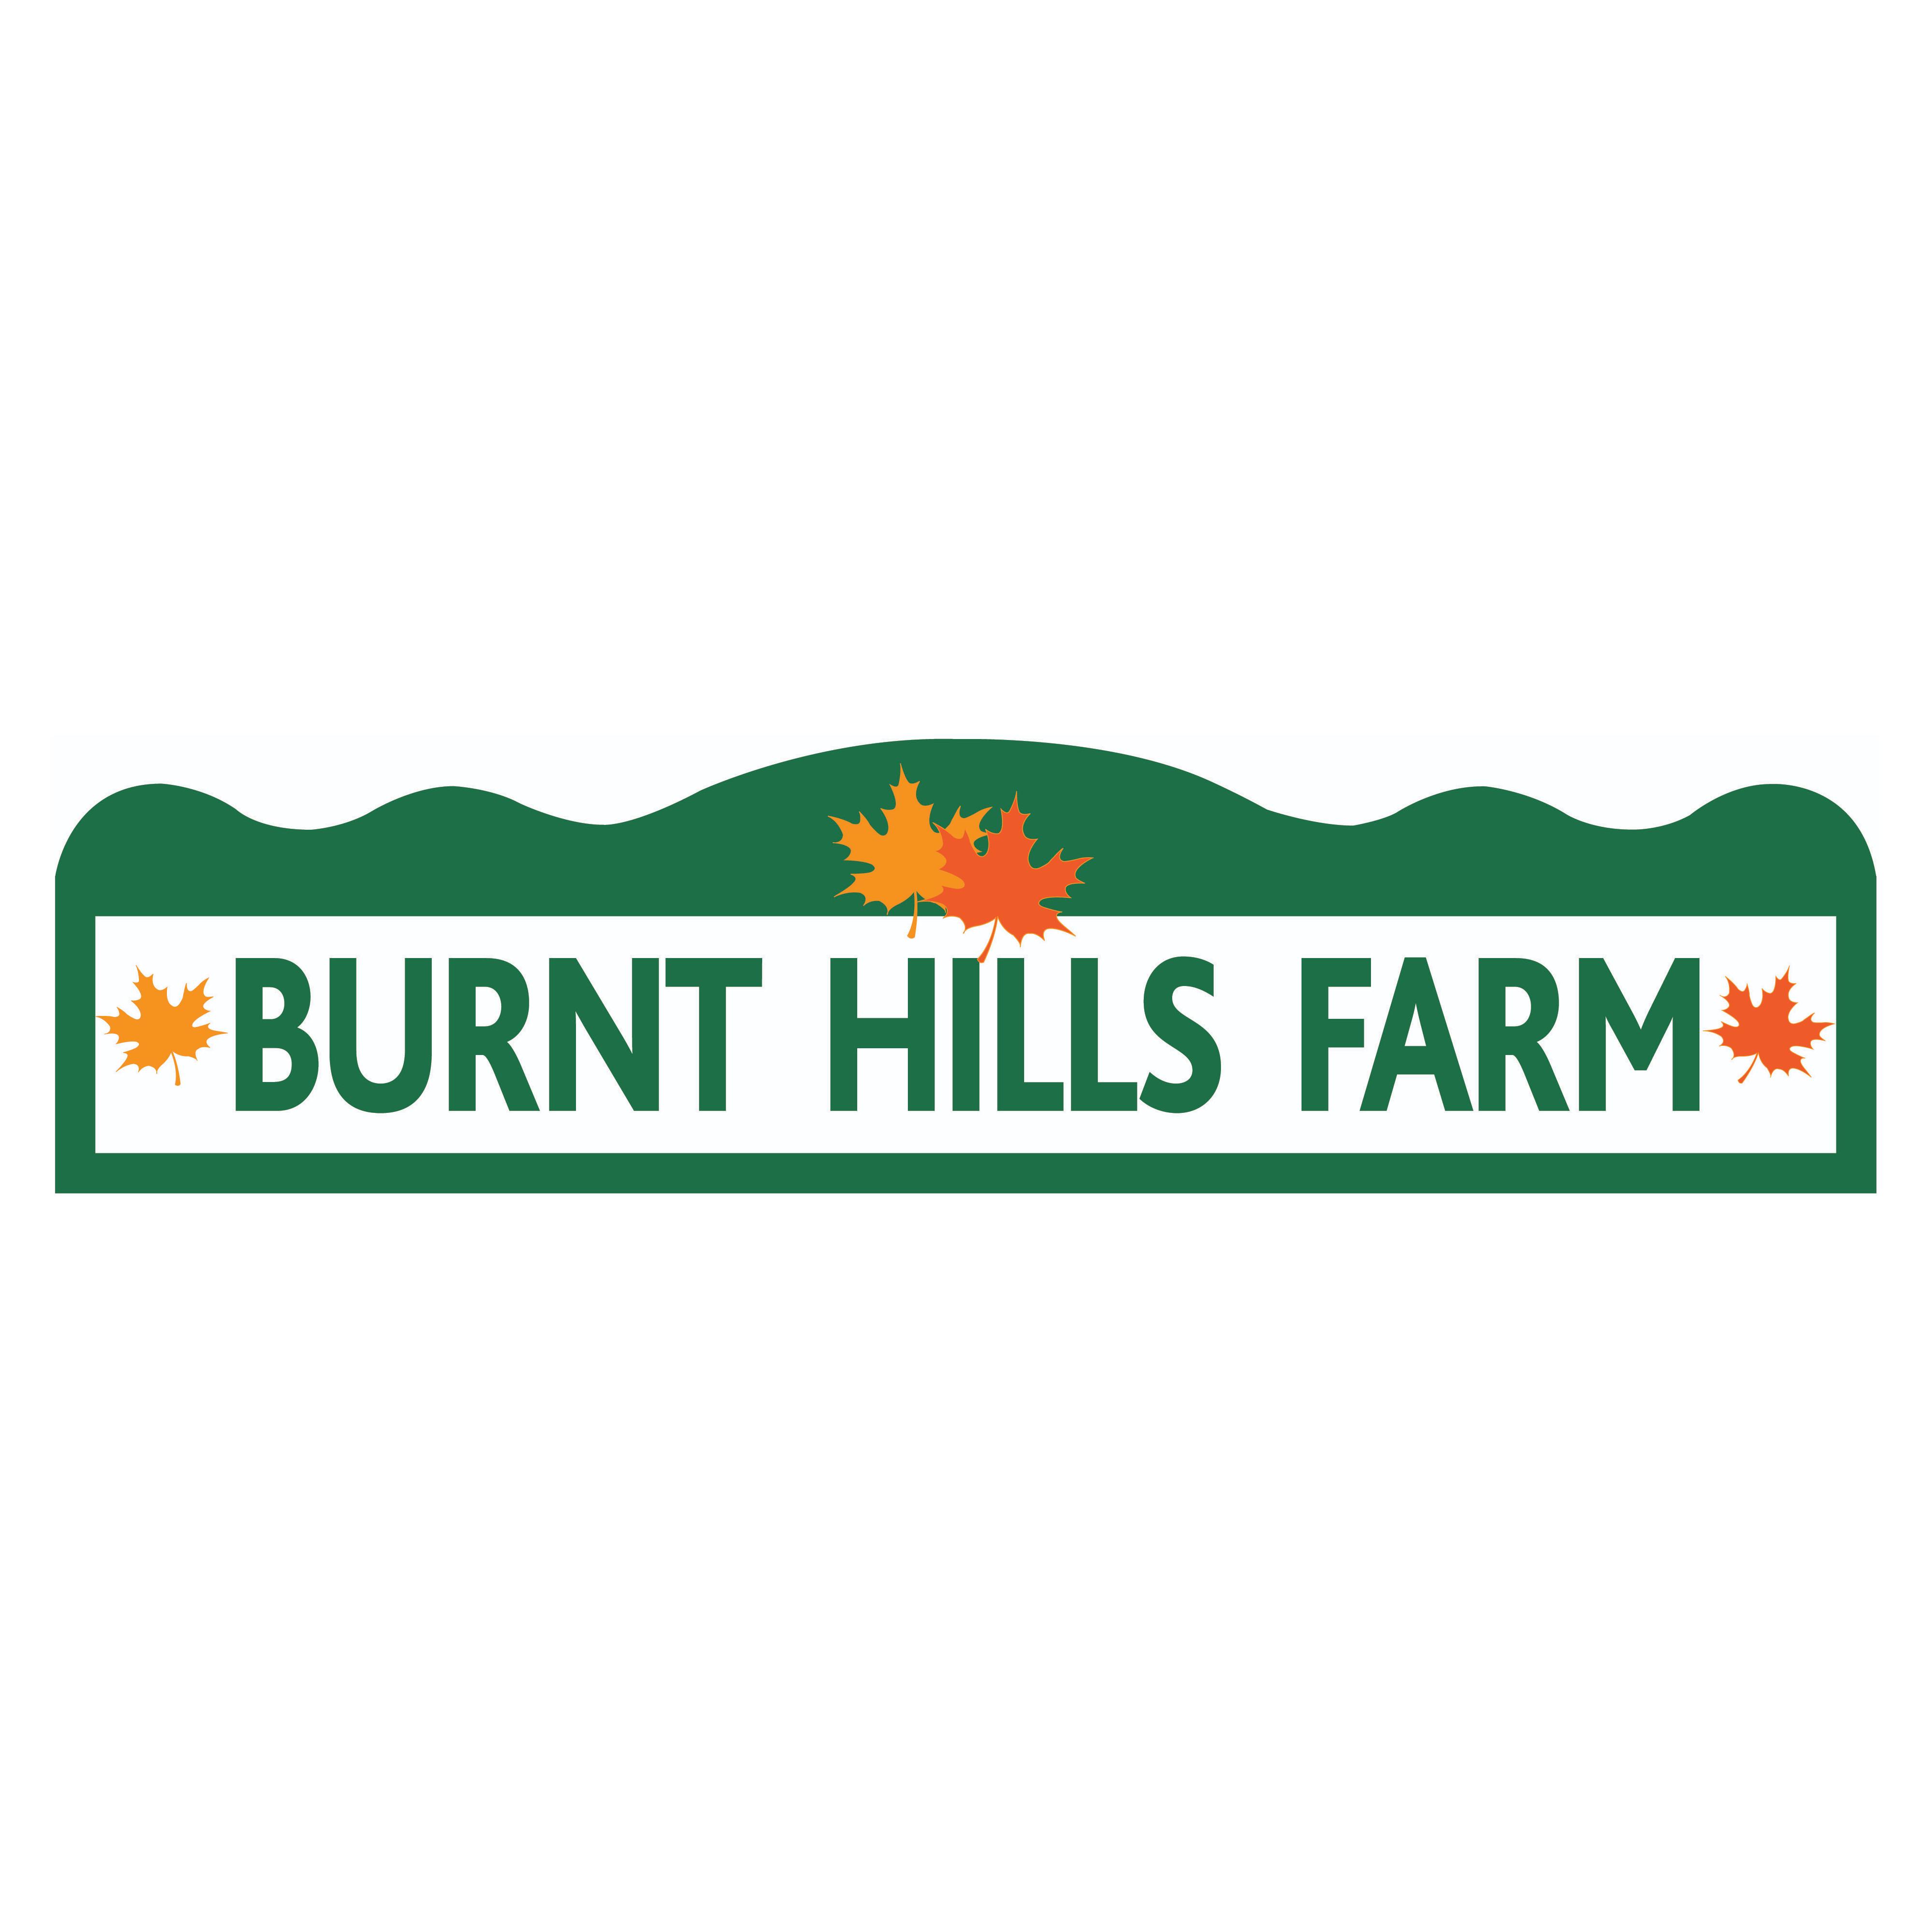 Burnt Hills Farm